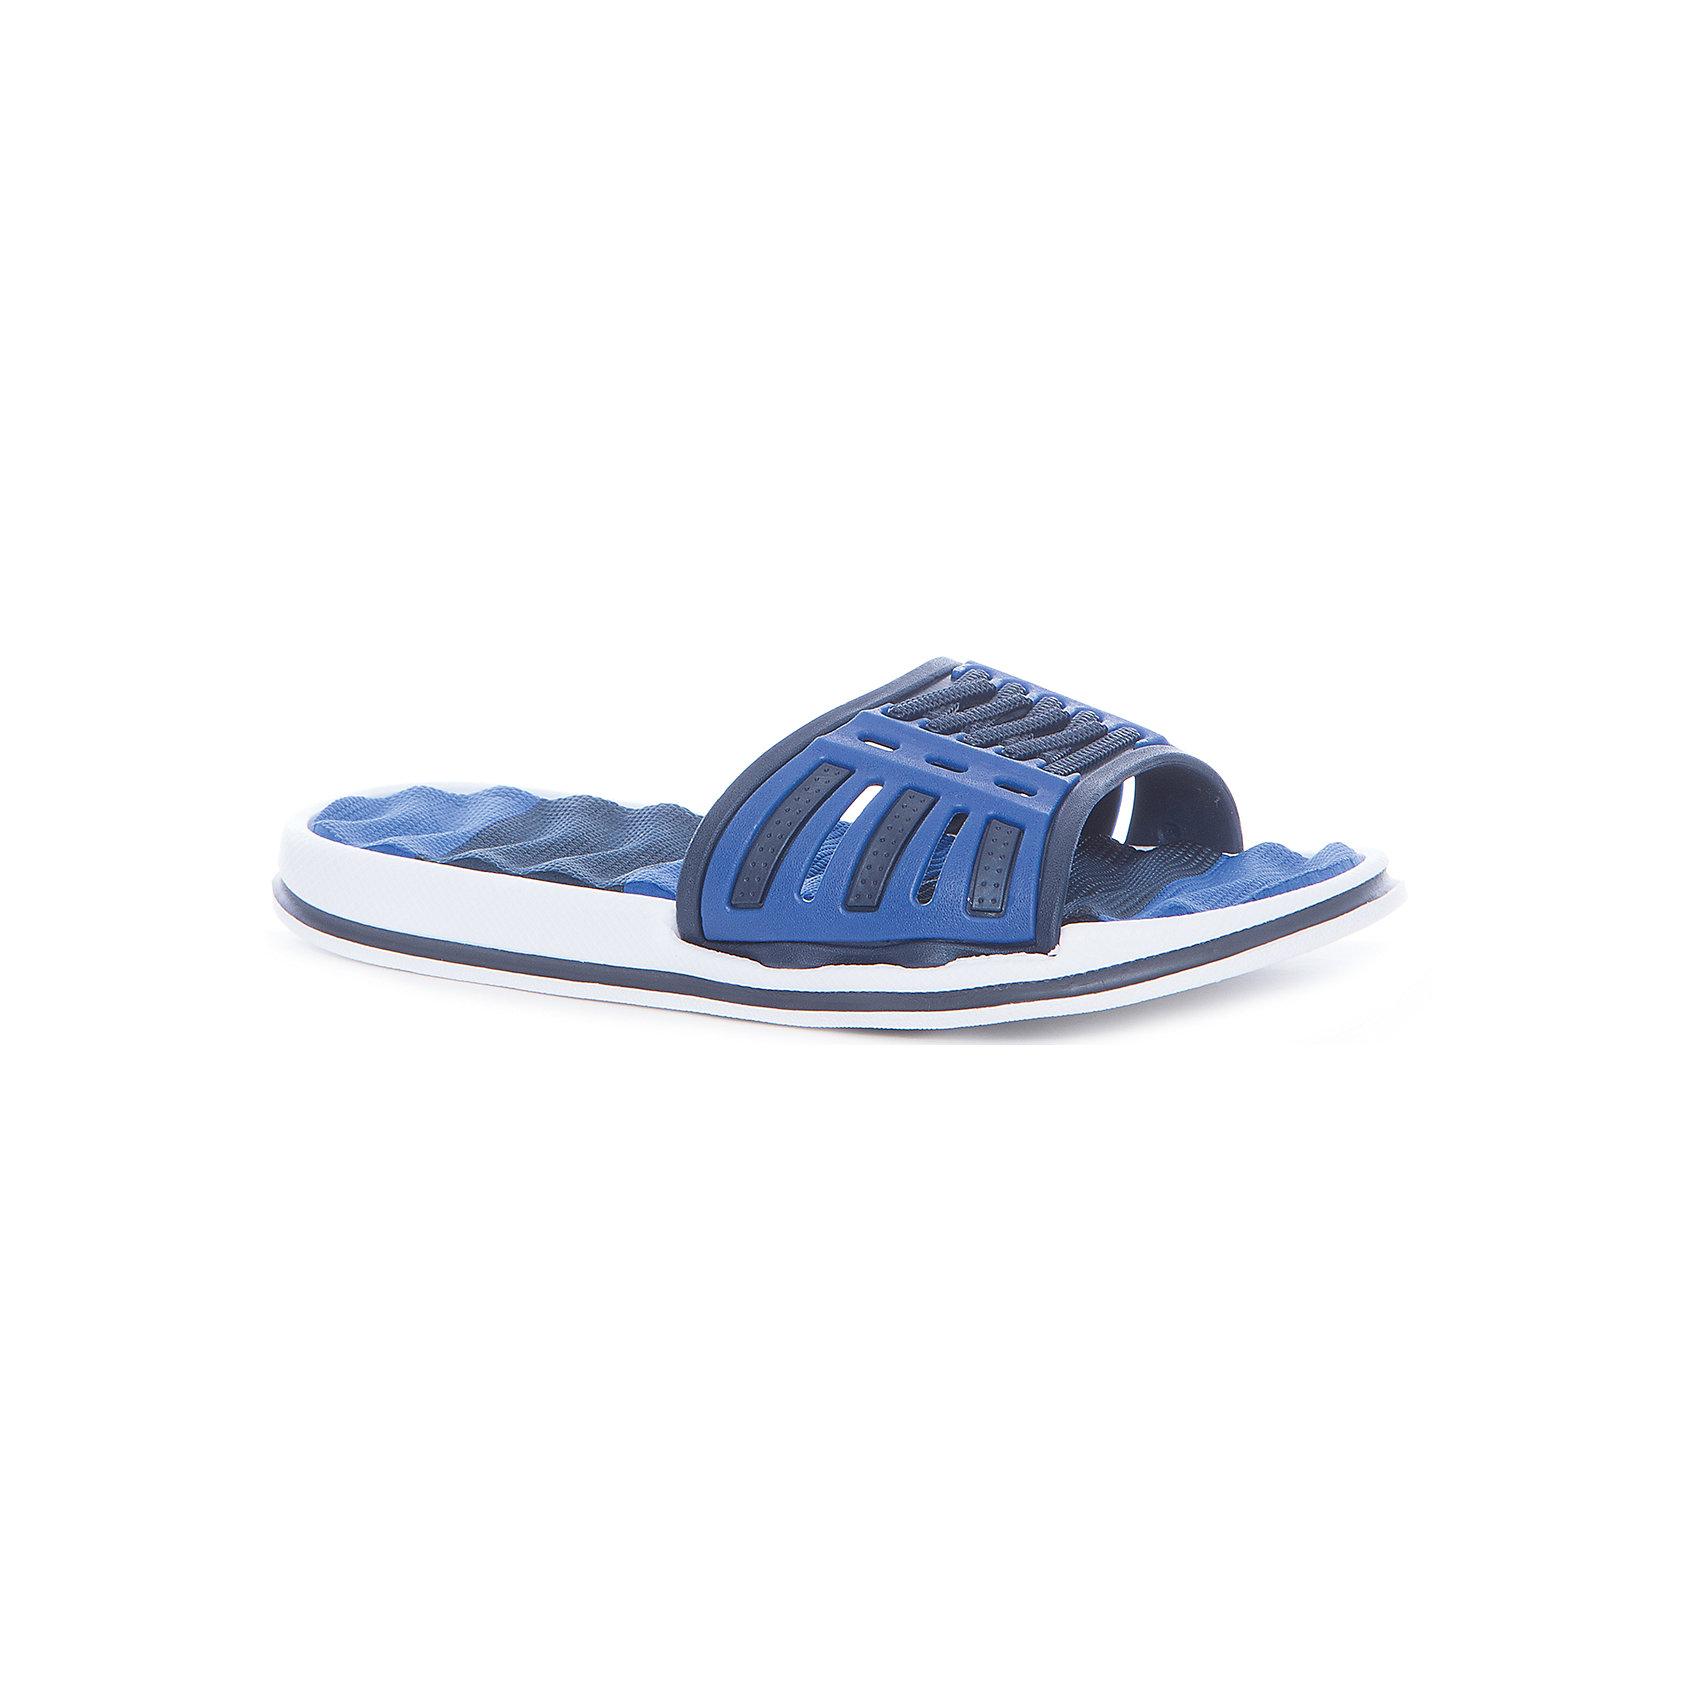 Шлепанцы для мальчика MURSUОбувь<br>Характеристики товара:<br><br>• цвет: синий<br>• внешний материал: ПВХ<br>• внутренний материал: ПВХ<br>• стелька: ЭВА<br>• подошва: ЭВА<br>• облегчённая модель<br>• подходит для пляжа <br>• подходит для занятий в бассейне<br>• отверстия для вентиляции<br>• устойчивая подошва<br>• страна бренда: Финляндия<br>• страна изготовитель: Китай<br><br>Детям для правильного развития стопы и всего организма необходима качественная обувь. Эта удобная пляжная обувь поможет создать ногам ребенка комфортные условия, благодаря продуманной конструкции она отлично сидит на ноге. Это отличный вариант правильной и красивой детской обуви!<br><br>Шлёпанцы от финского бренда MURSU (МУРСУ) можно купить в нашем интернет-магазине.<br><br>Ширина мм: 248<br>Глубина мм: 135<br>Высота мм: 147<br>Вес г: 256<br>Цвет: синий<br>Возраст от месяцев: 132<br>Возраст до месяцев: 144<br>Пол: Мужской<br>Возраст: Детский<br>Размер: 35,30,31,32,33,34<br>SKU: 5326163